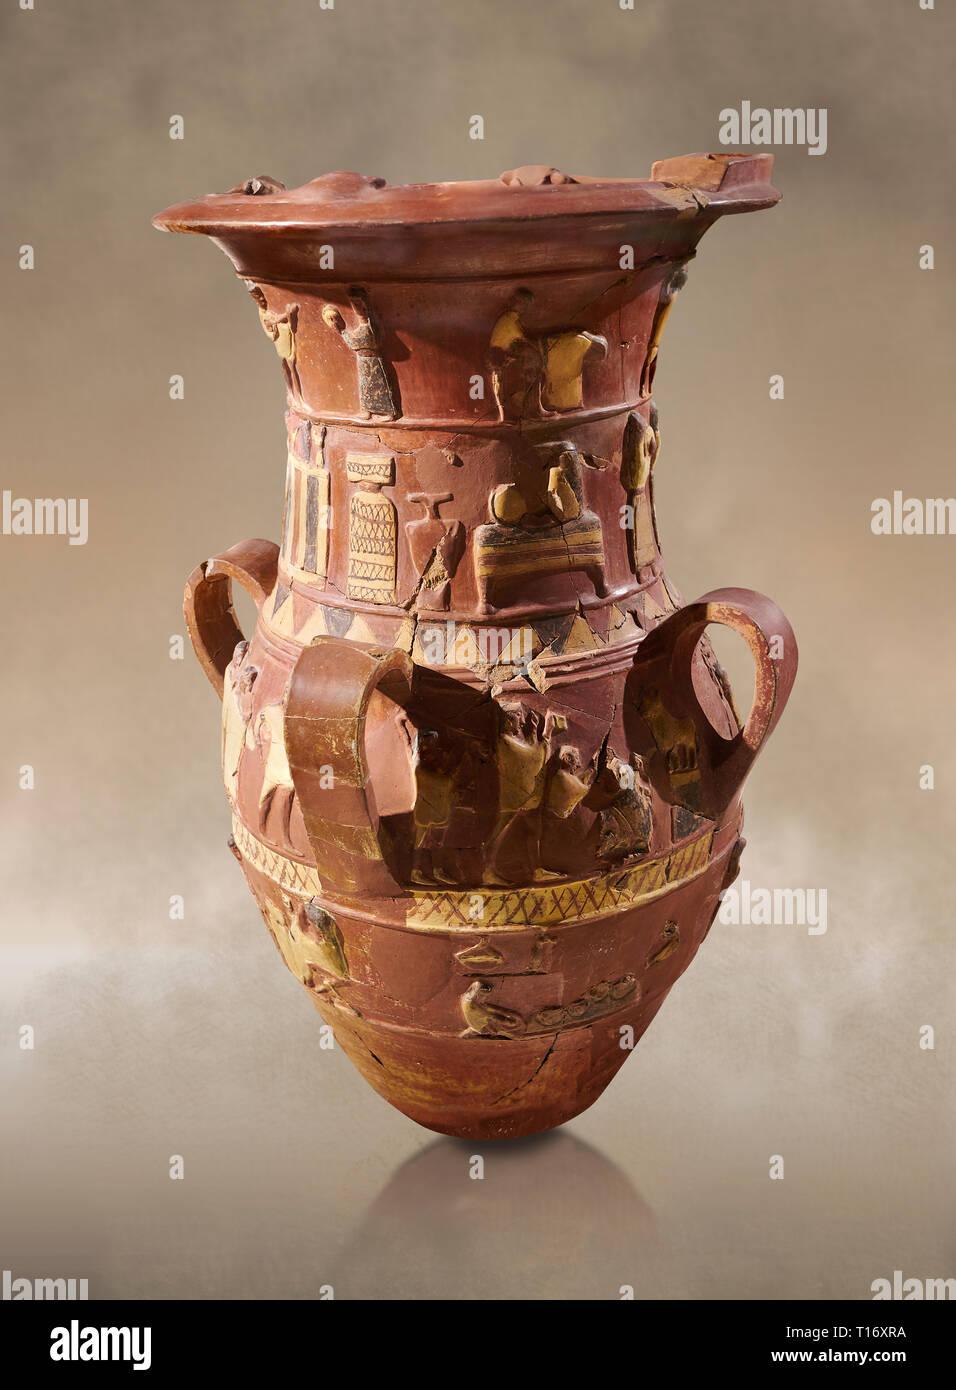 Inandik Hethiter Relief dekoriert Kult trankopfers Vase mit vier dekorativen Friese mit Zahlen farbig in Creme, Rot und Schwarz. In den oberen Regist Stockfoto